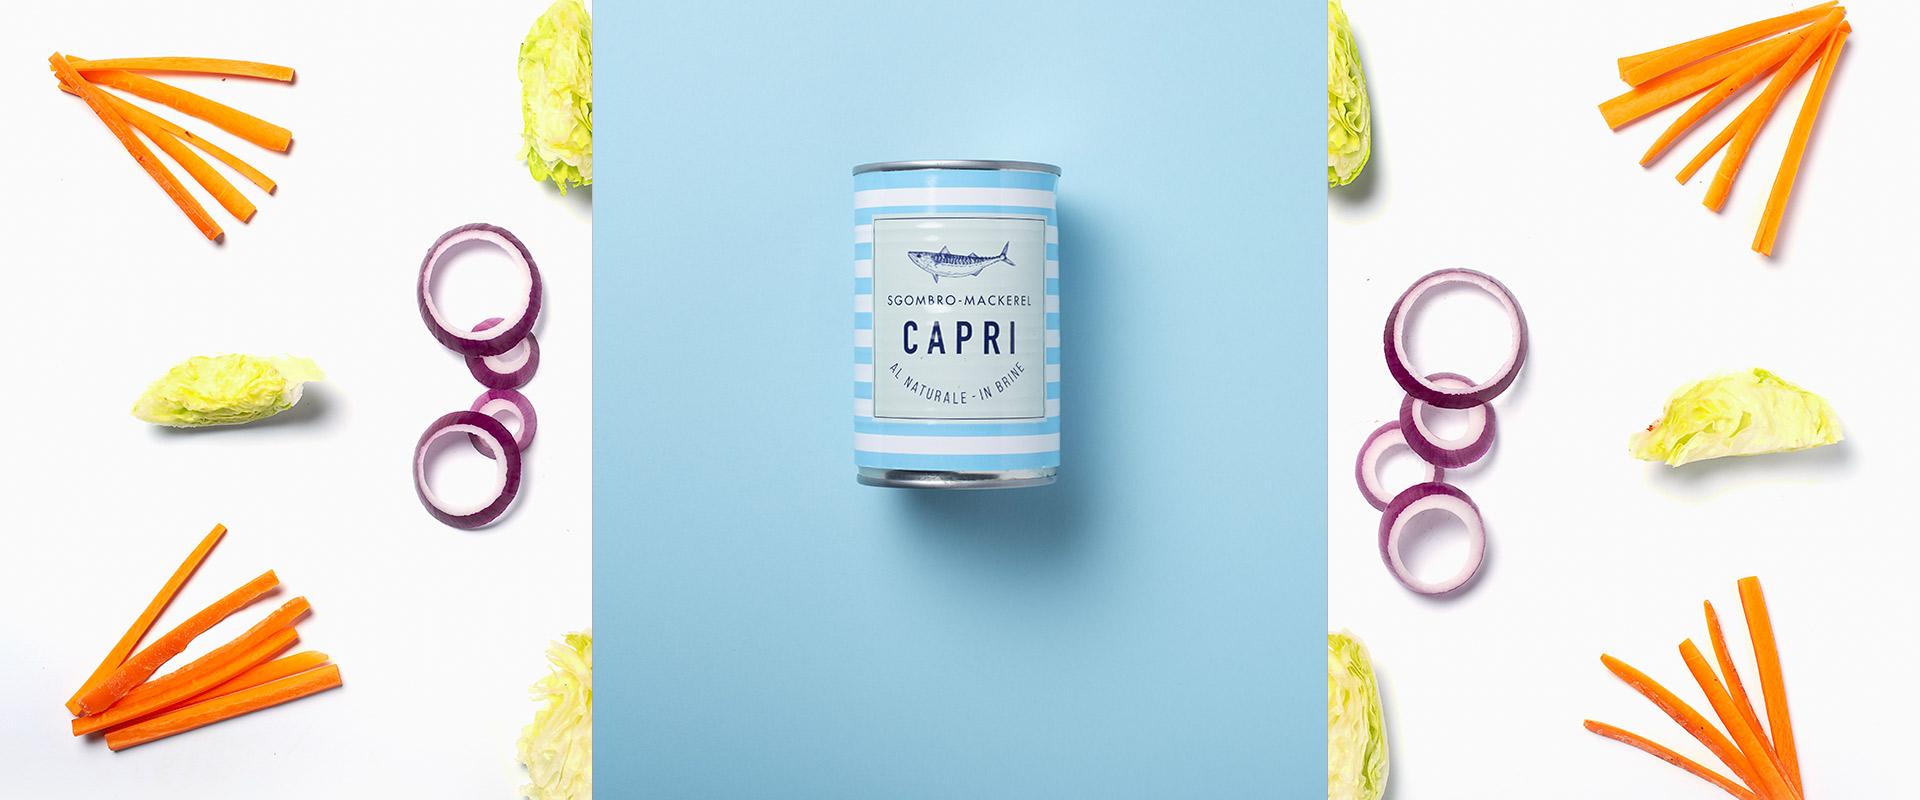 Sgombro al Naturale Capri | Ricetta